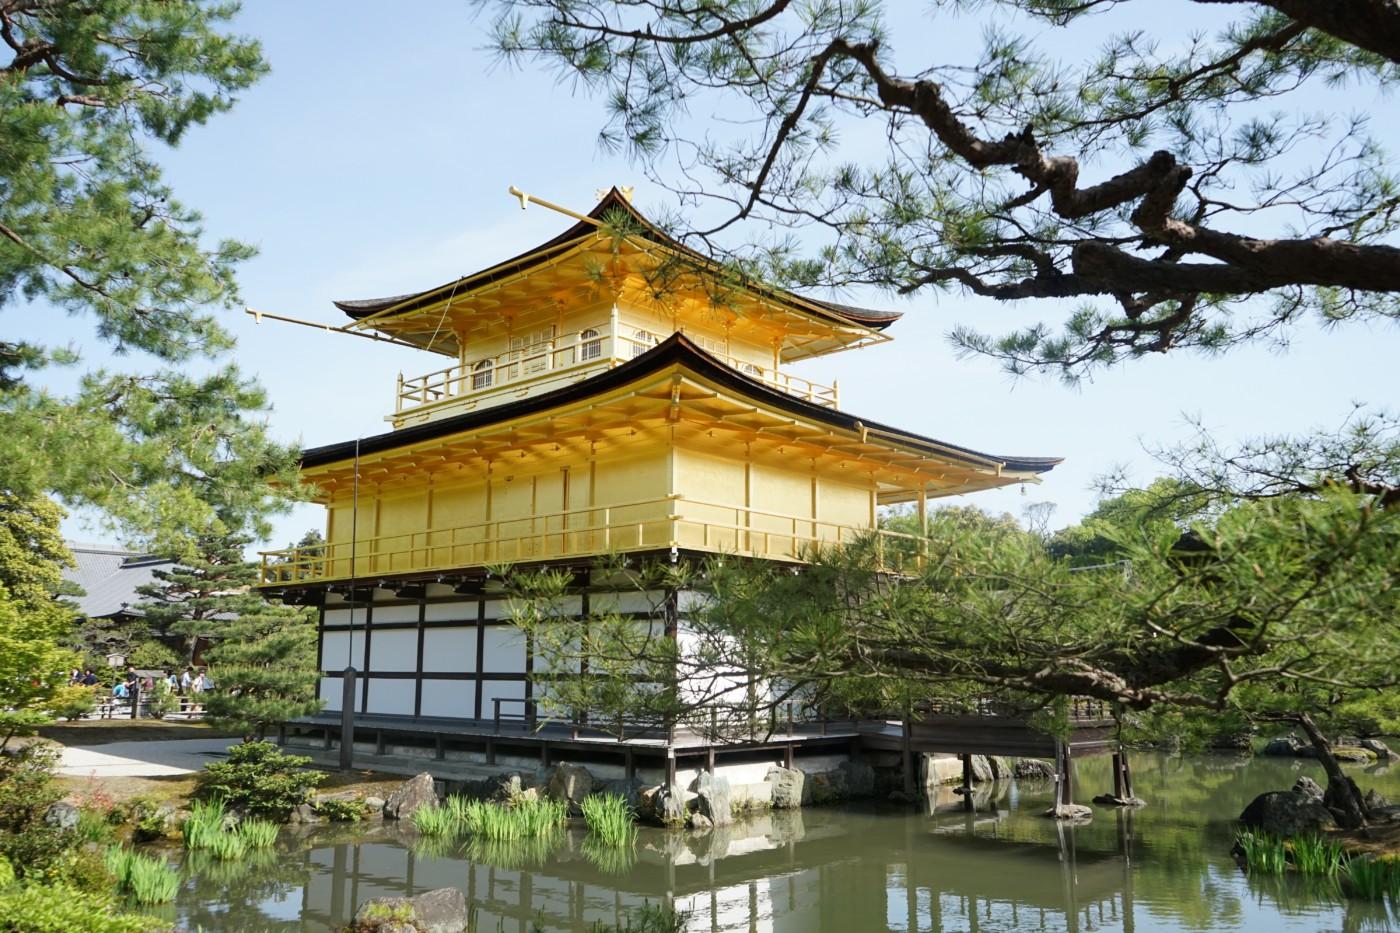 широкие японская архитектура картинки хай-тек минималистичные